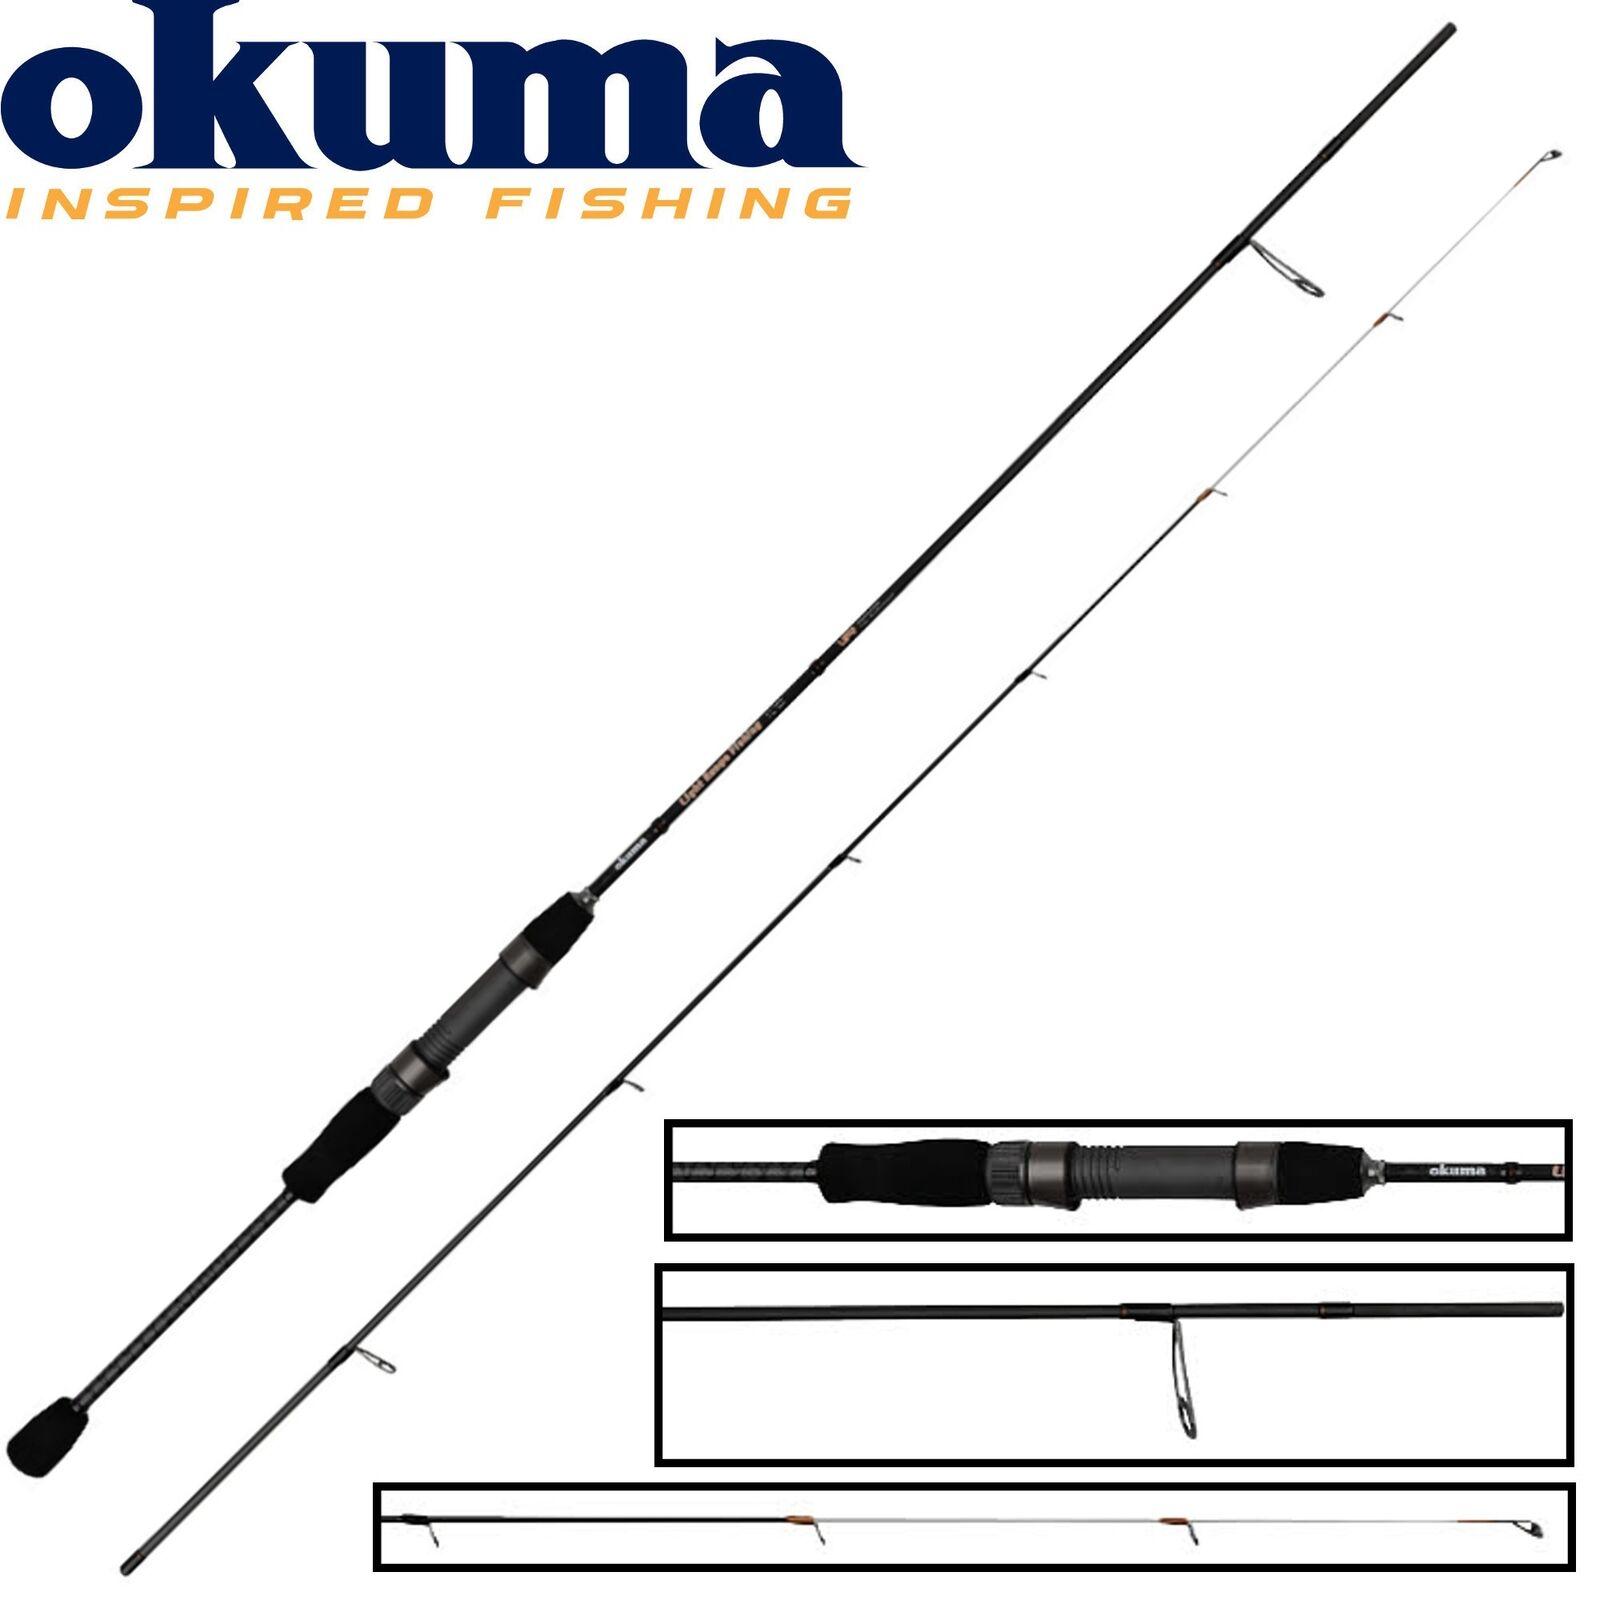 Okuma Light Range Fishing UFR Spinnrute, 245cm 8-22g - Spinnrute, UFR Barschrute, Angelrute b2b30f